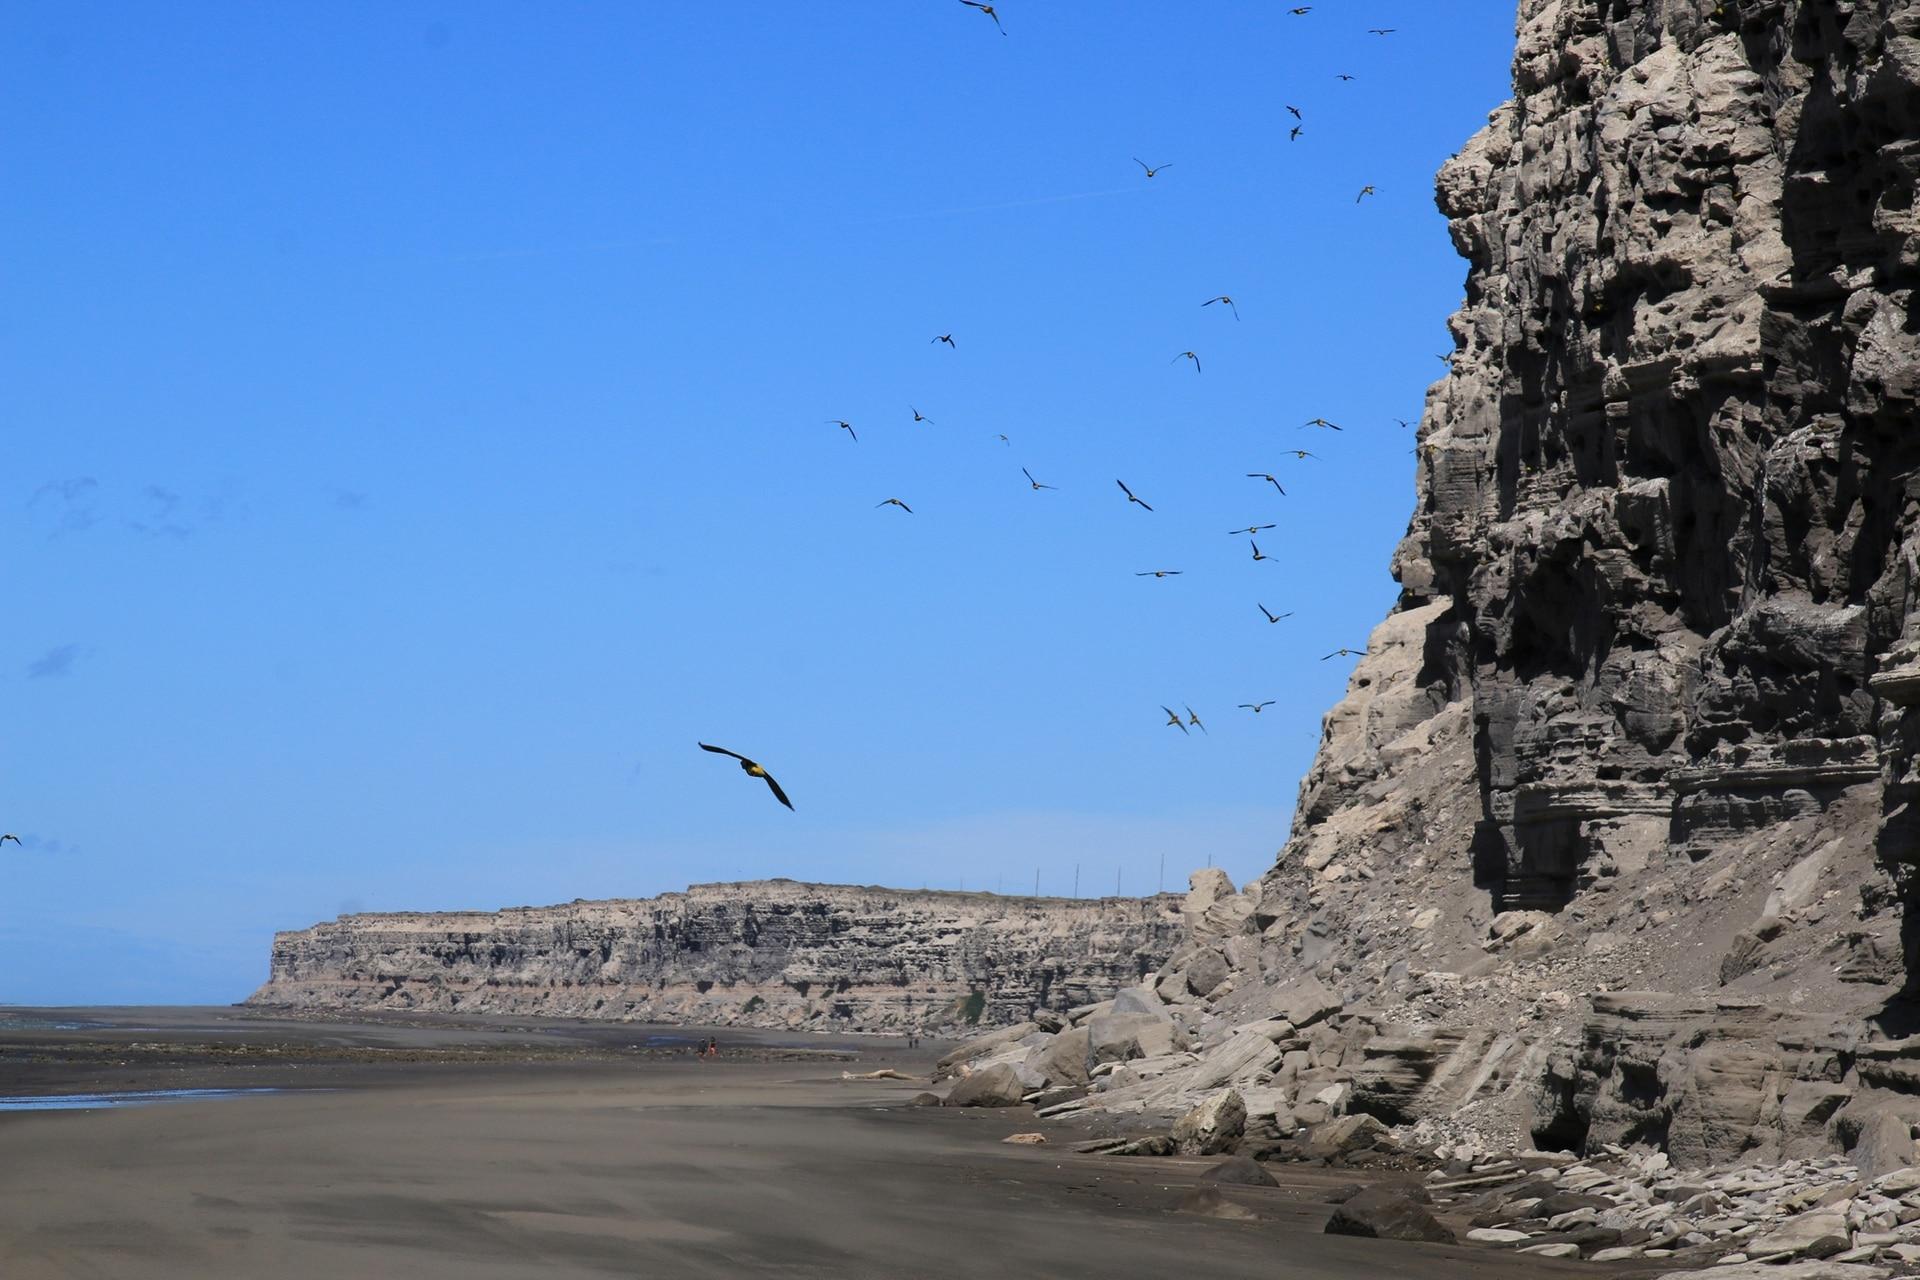 El Condor, la playa rionegrina donde habita una gran colonia de lobos barranqueros. En los últimos tiempos muchos murieron por falta de comida